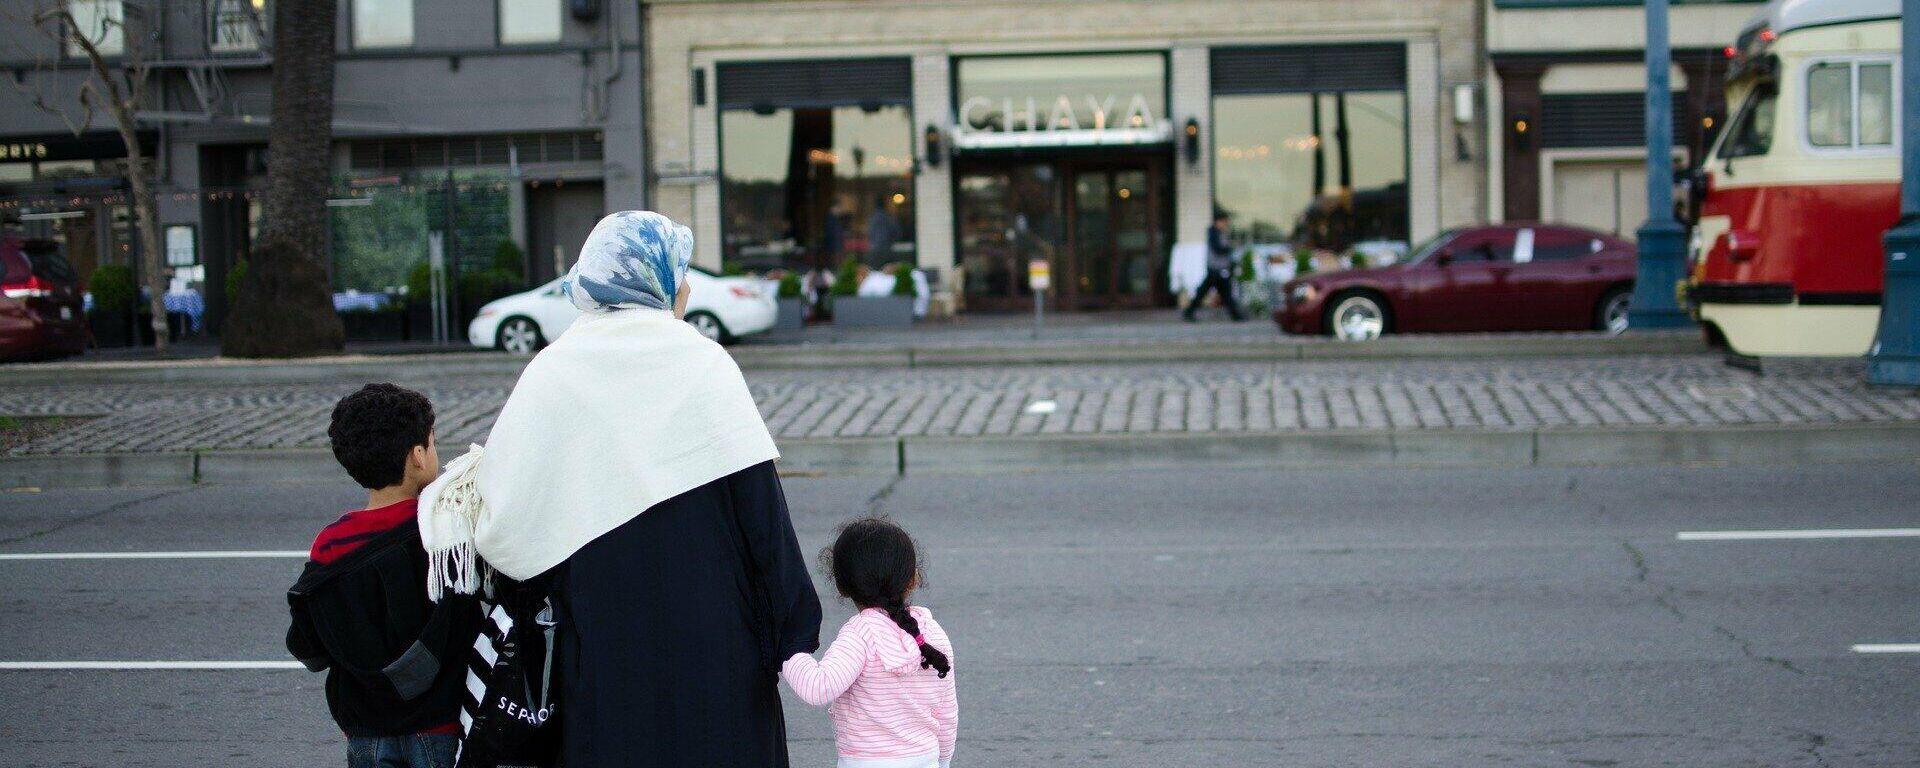 Muslimin (symbolbild) - SNA, 1920, 16.01.2021